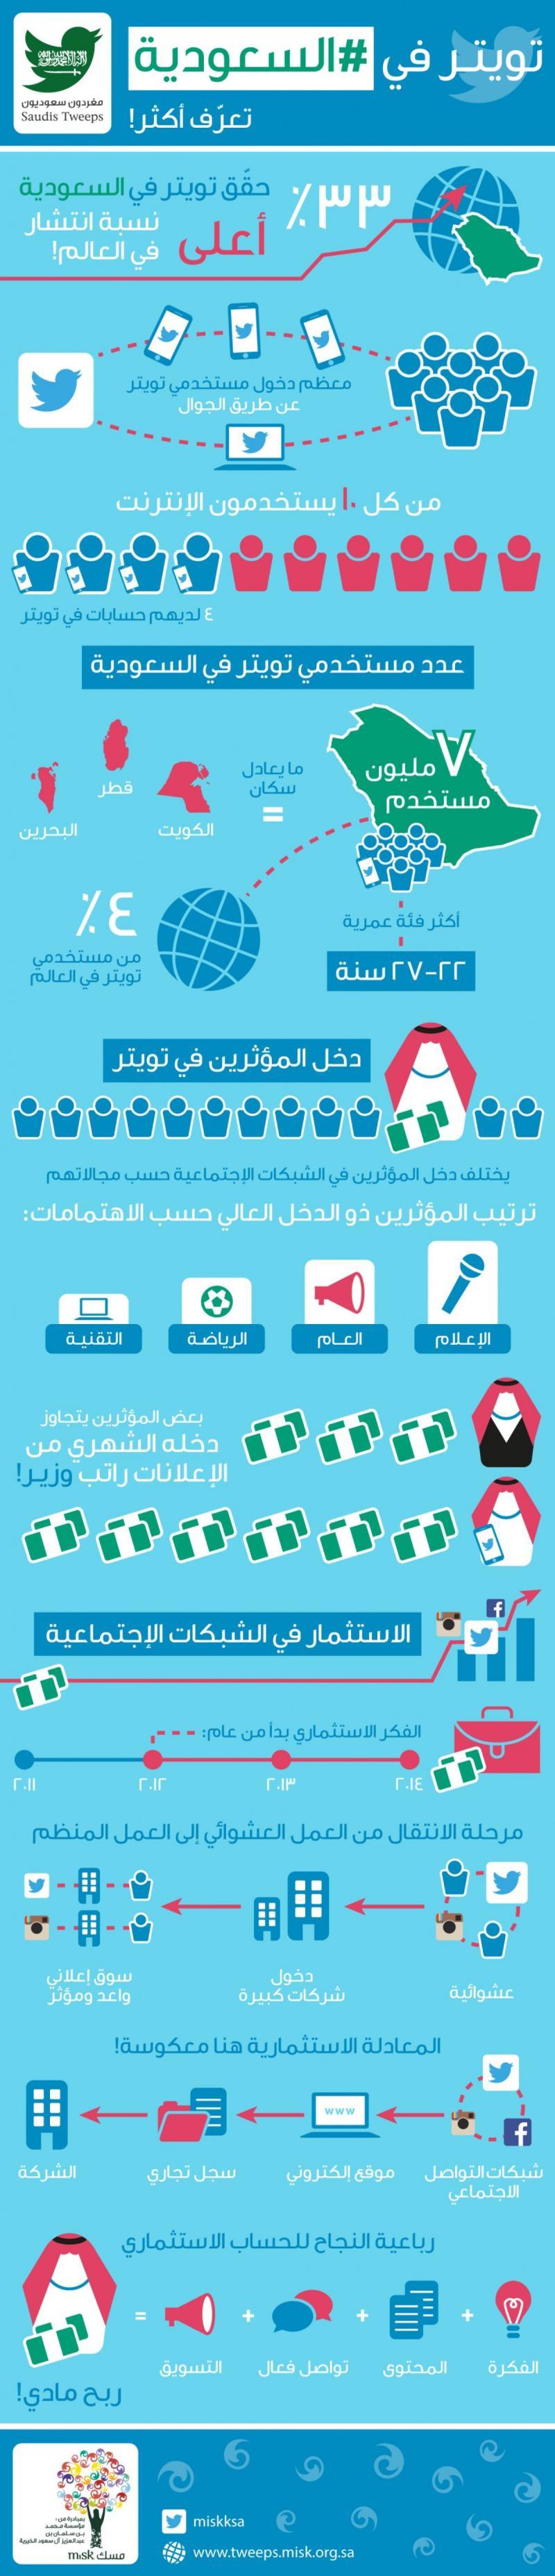 تويتر في #السعودية #انفوجرافيك